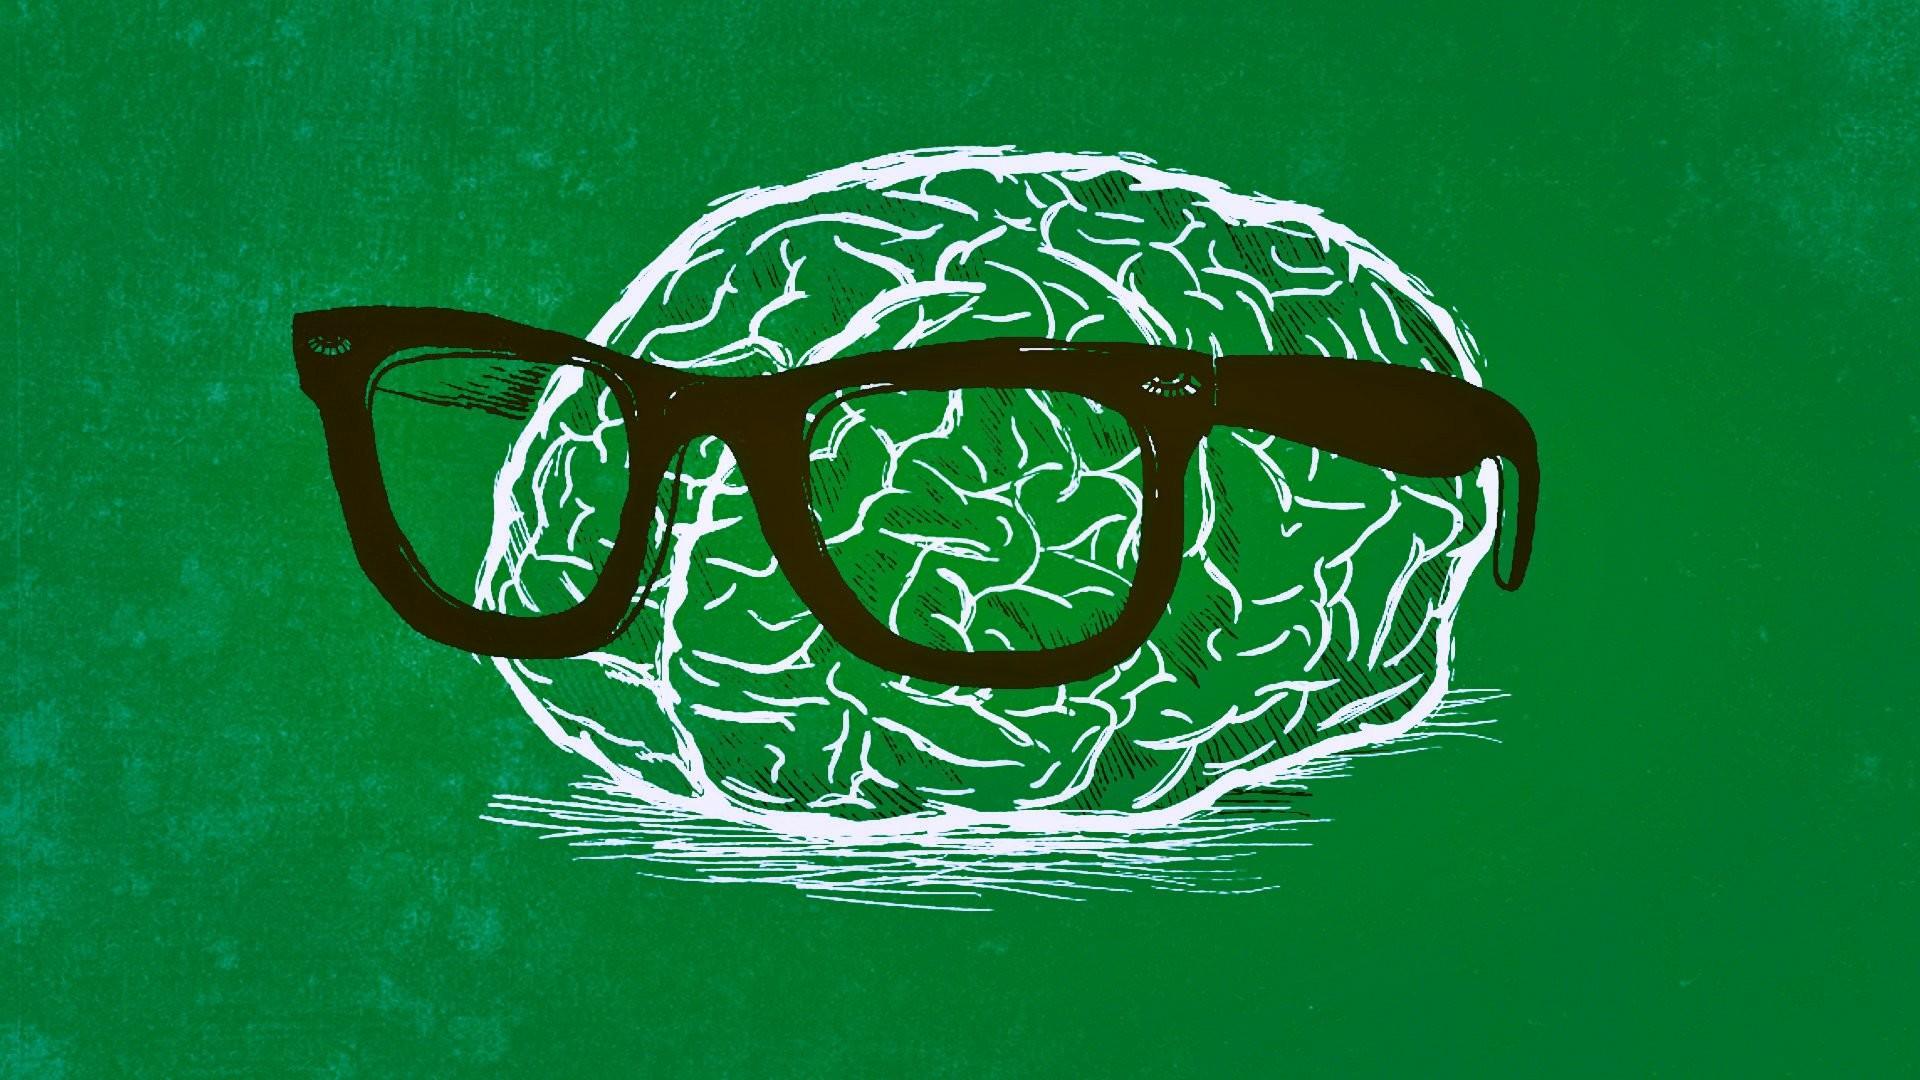 Humor – Nerd Brain Green Wallpaper